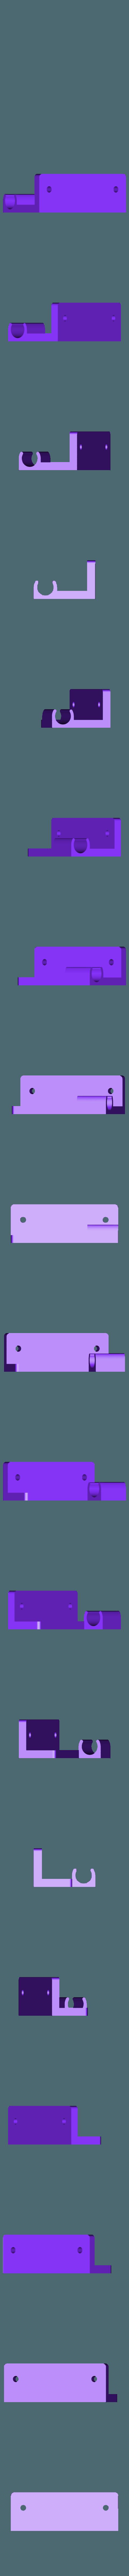 Extruder_mount.stl Download free STL file Anycubic I3 Mega Extruder Mod • 3D printable model, Domi1988